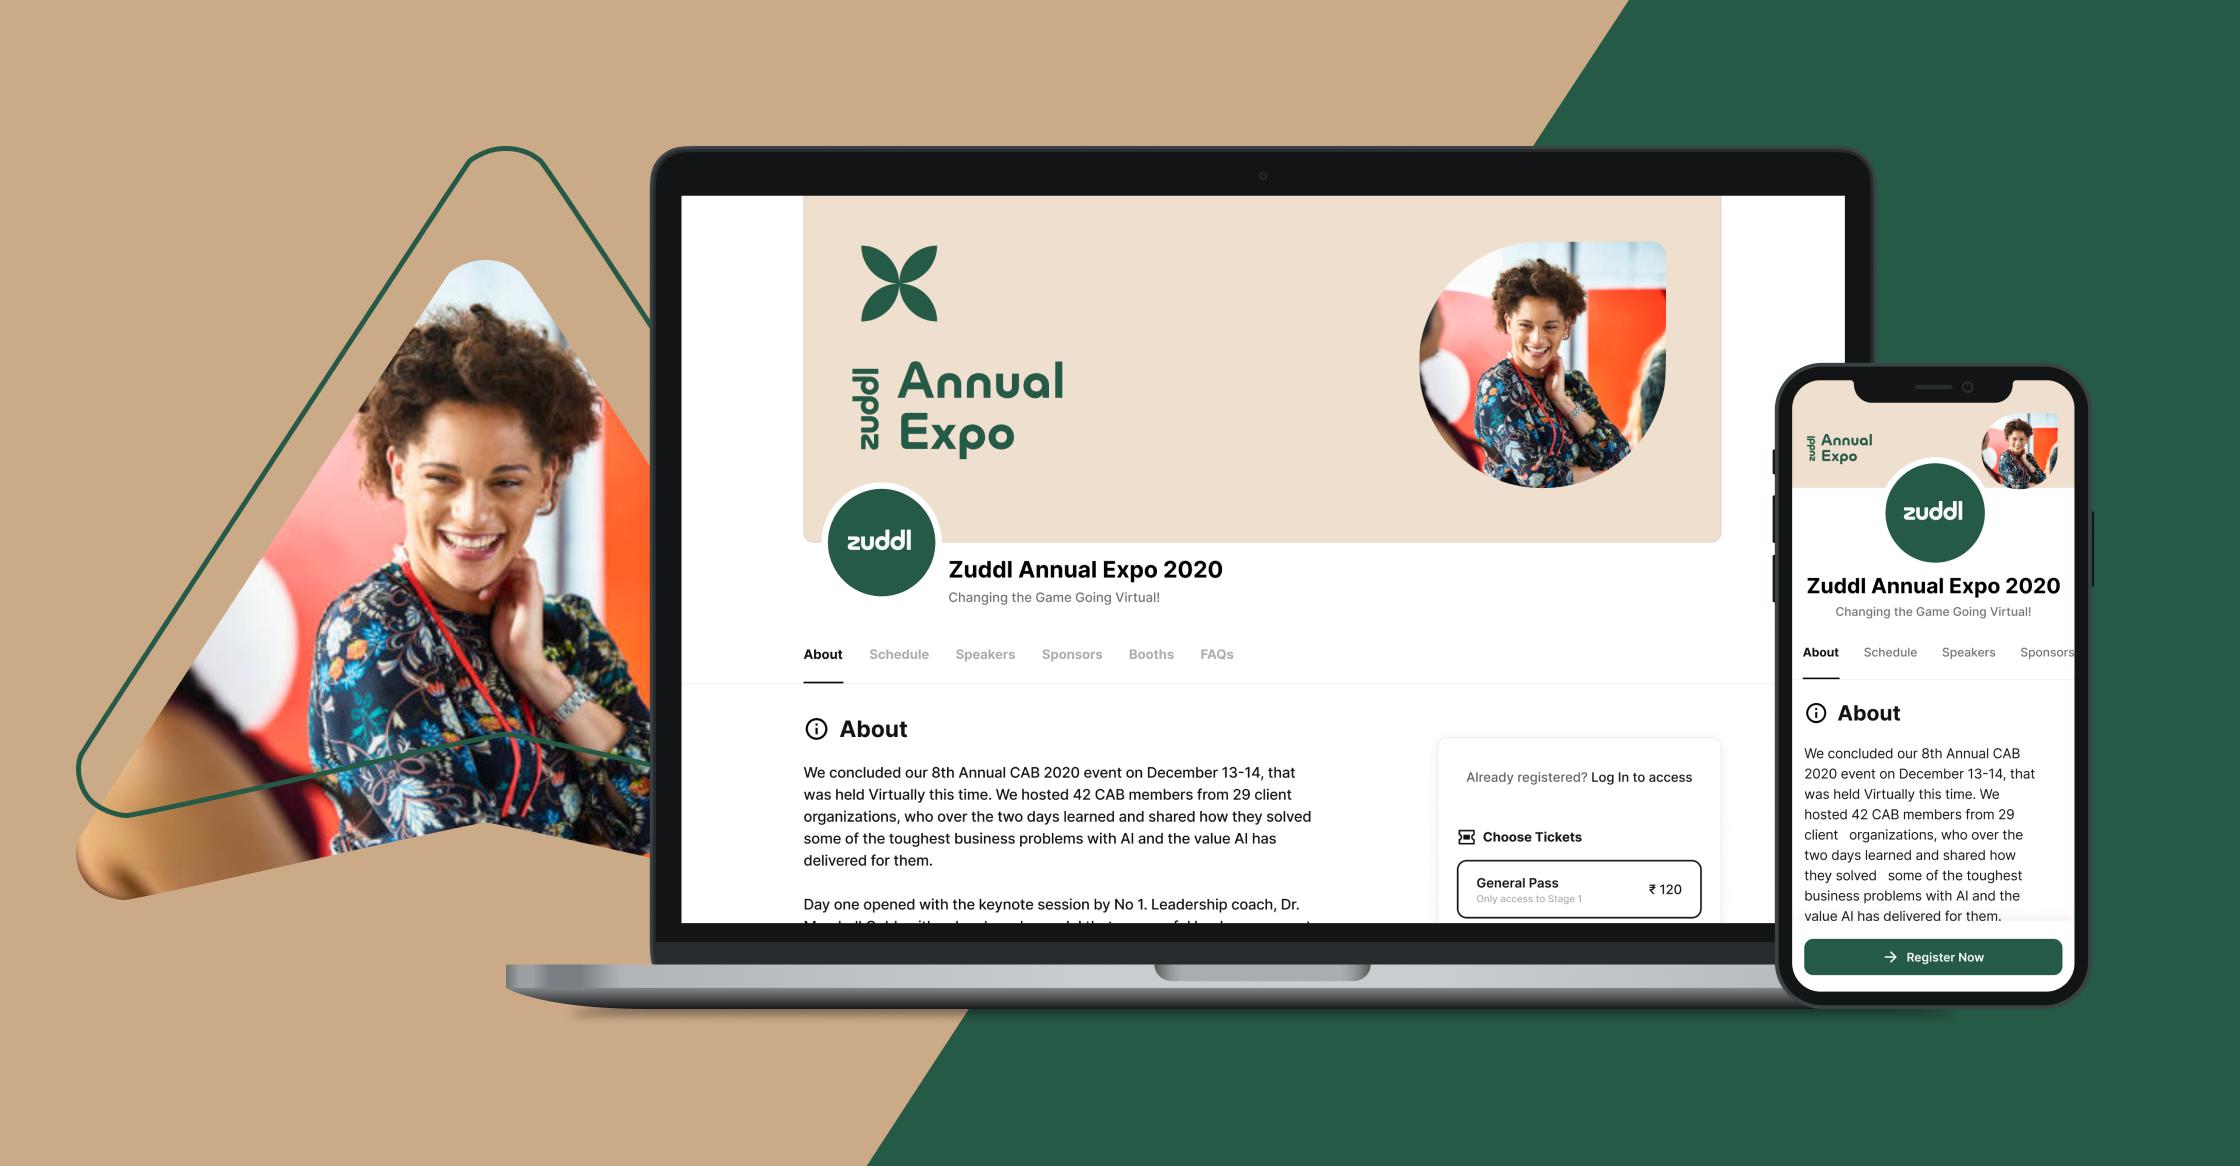 Zuddl Graphic Homepage